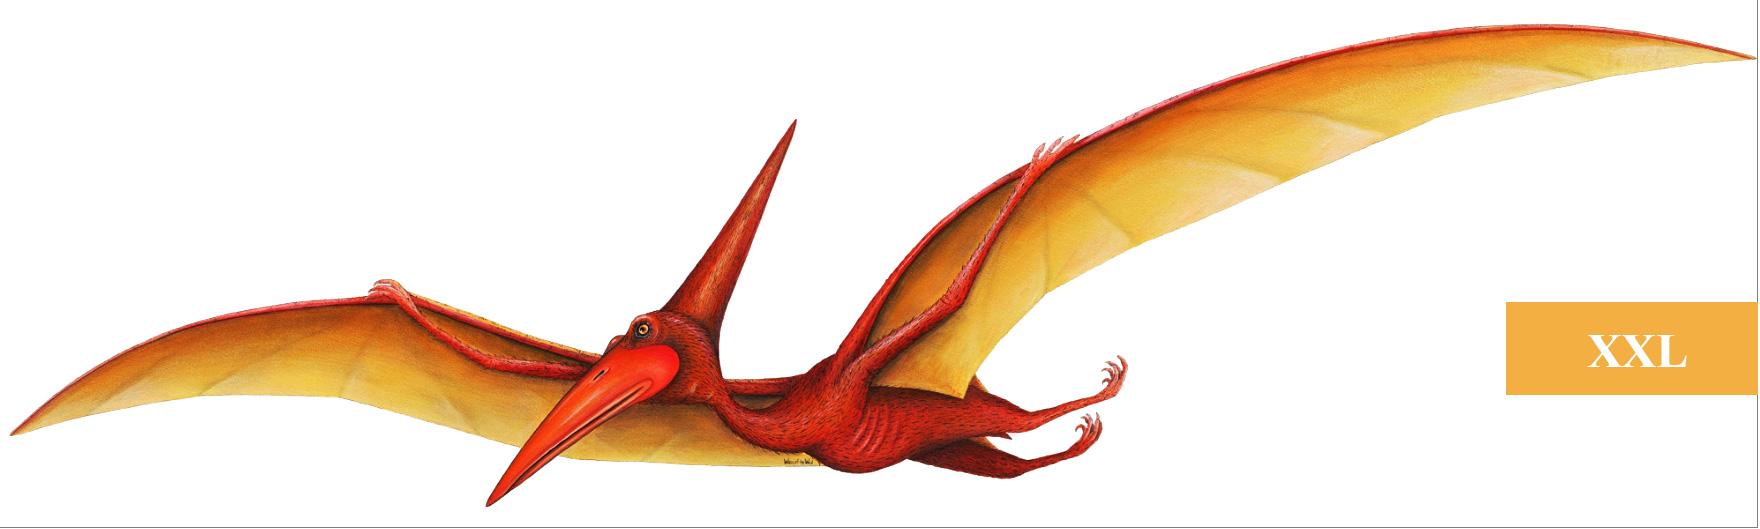 Wandsticker Dinosaurier Pterodactylus-Dinosaurier